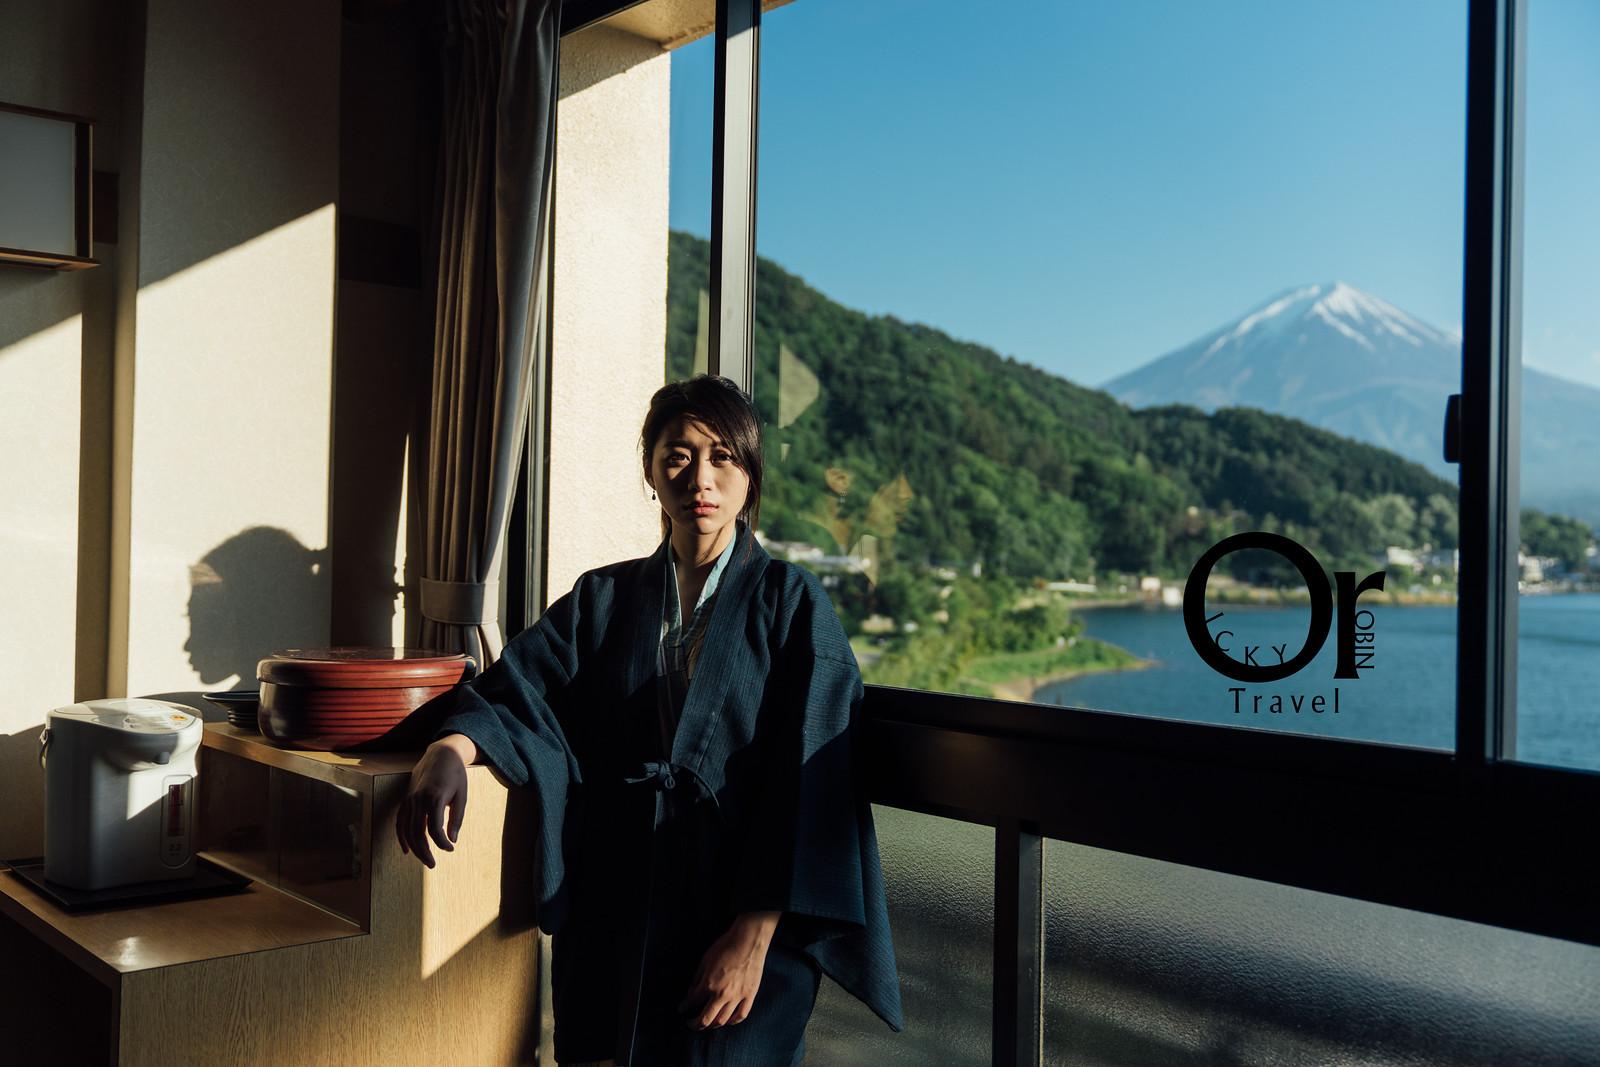 日本富士山住宿|河口湖美富士園,座落河口湖,傍晚來個湖邊散步欣賞富士山,享受傳統日式溫泉酒店